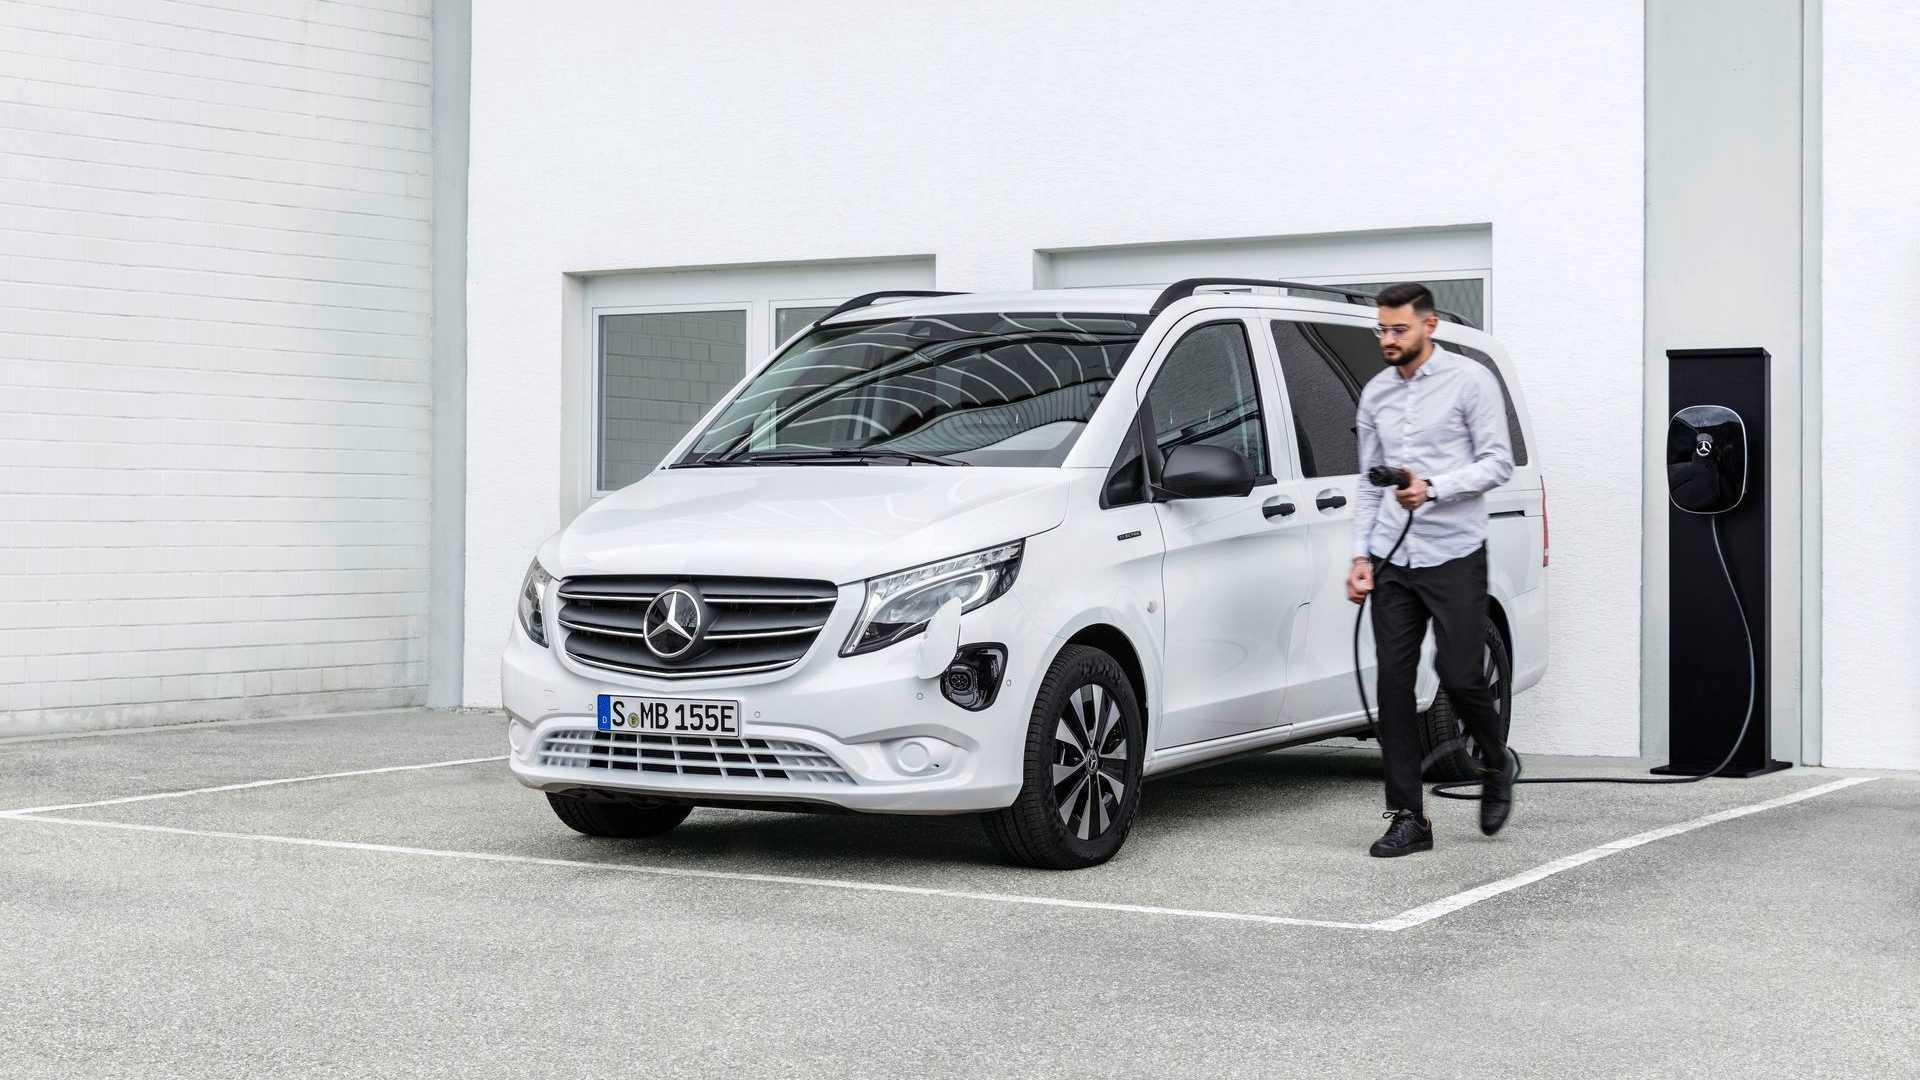 Два месяца назад на рынок вышел роскошный электрокар Mercedes-Benz EQV на базе V-класса, а теперь он поделился техникой с более скромными фургоном и микроавтобусом Vito.